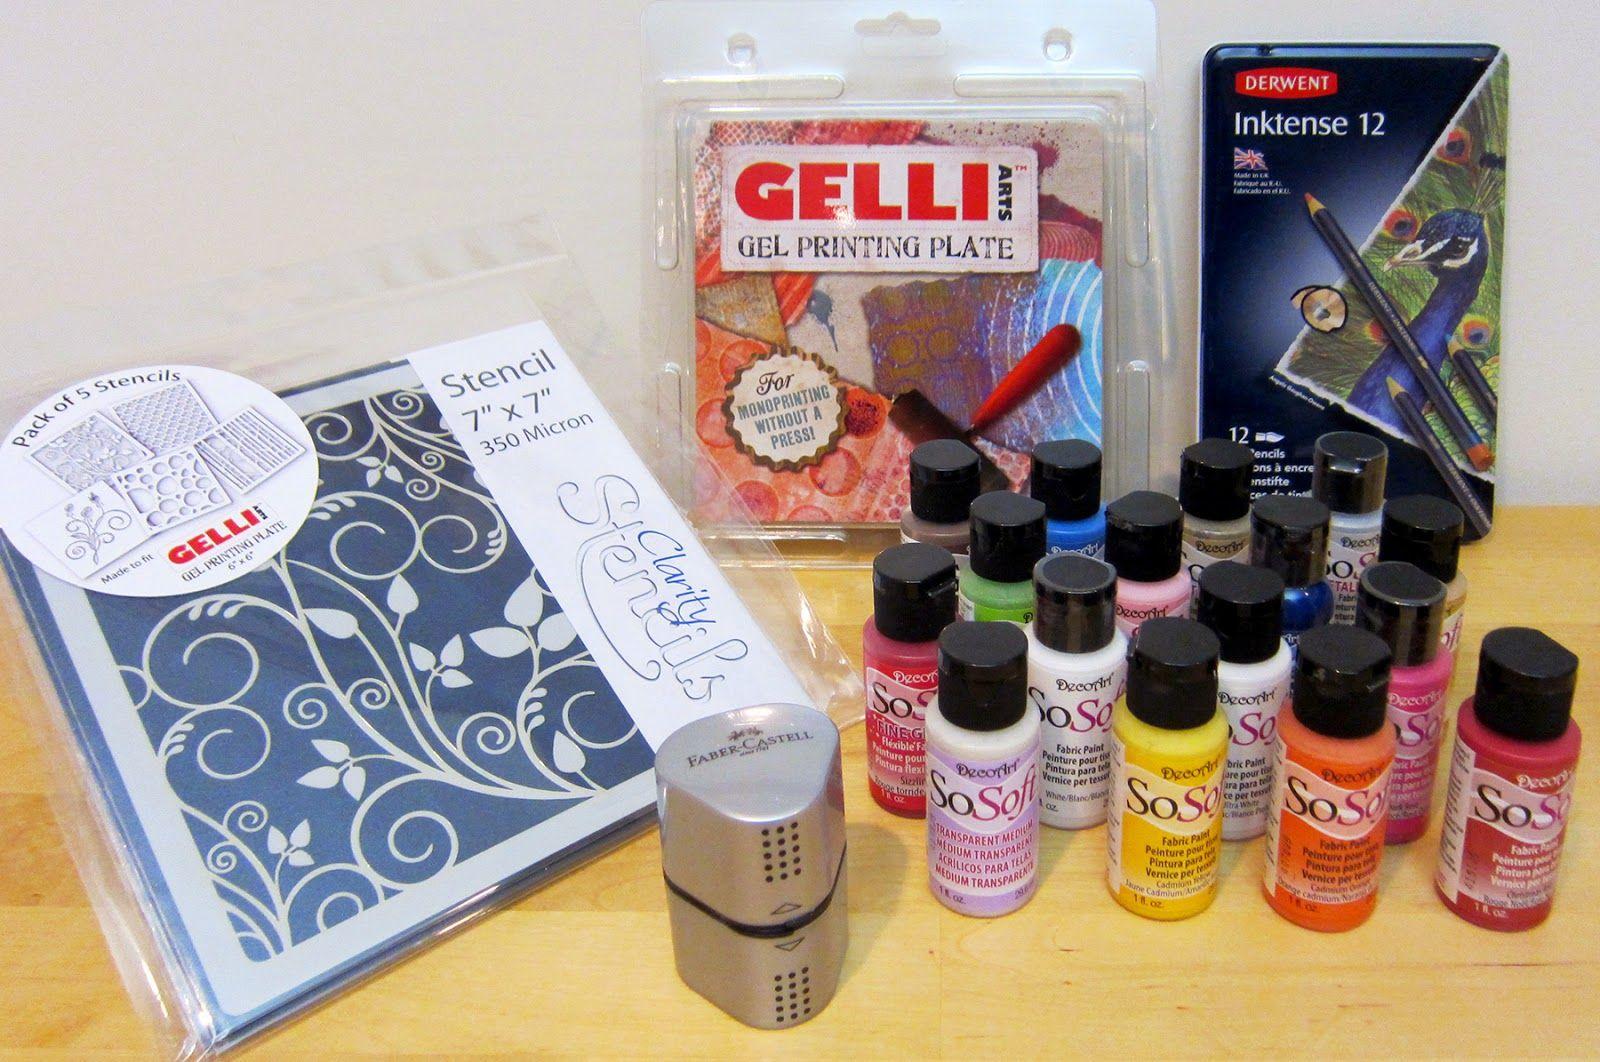 Gelli Arts Printing On Fabric Fun With Stencils Pencils Printing On Fabric Prints Gelli Arts